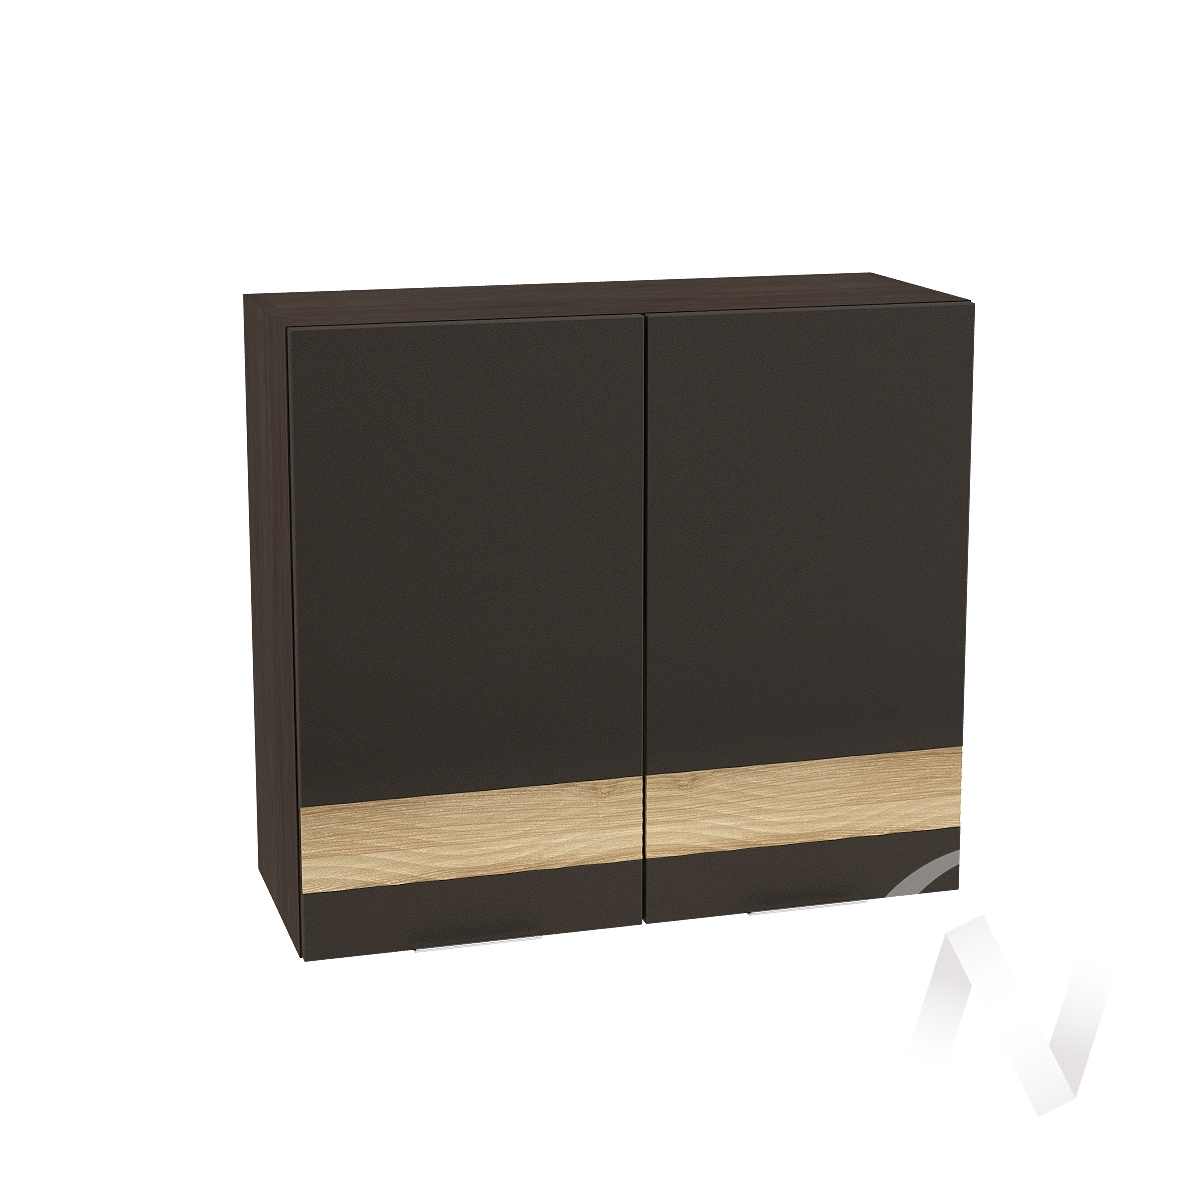 """Кухня """"Терра"""": Шкаф верхний 800, ШВ 800 (смоки софт/ель карпатская/корпус венге)"""